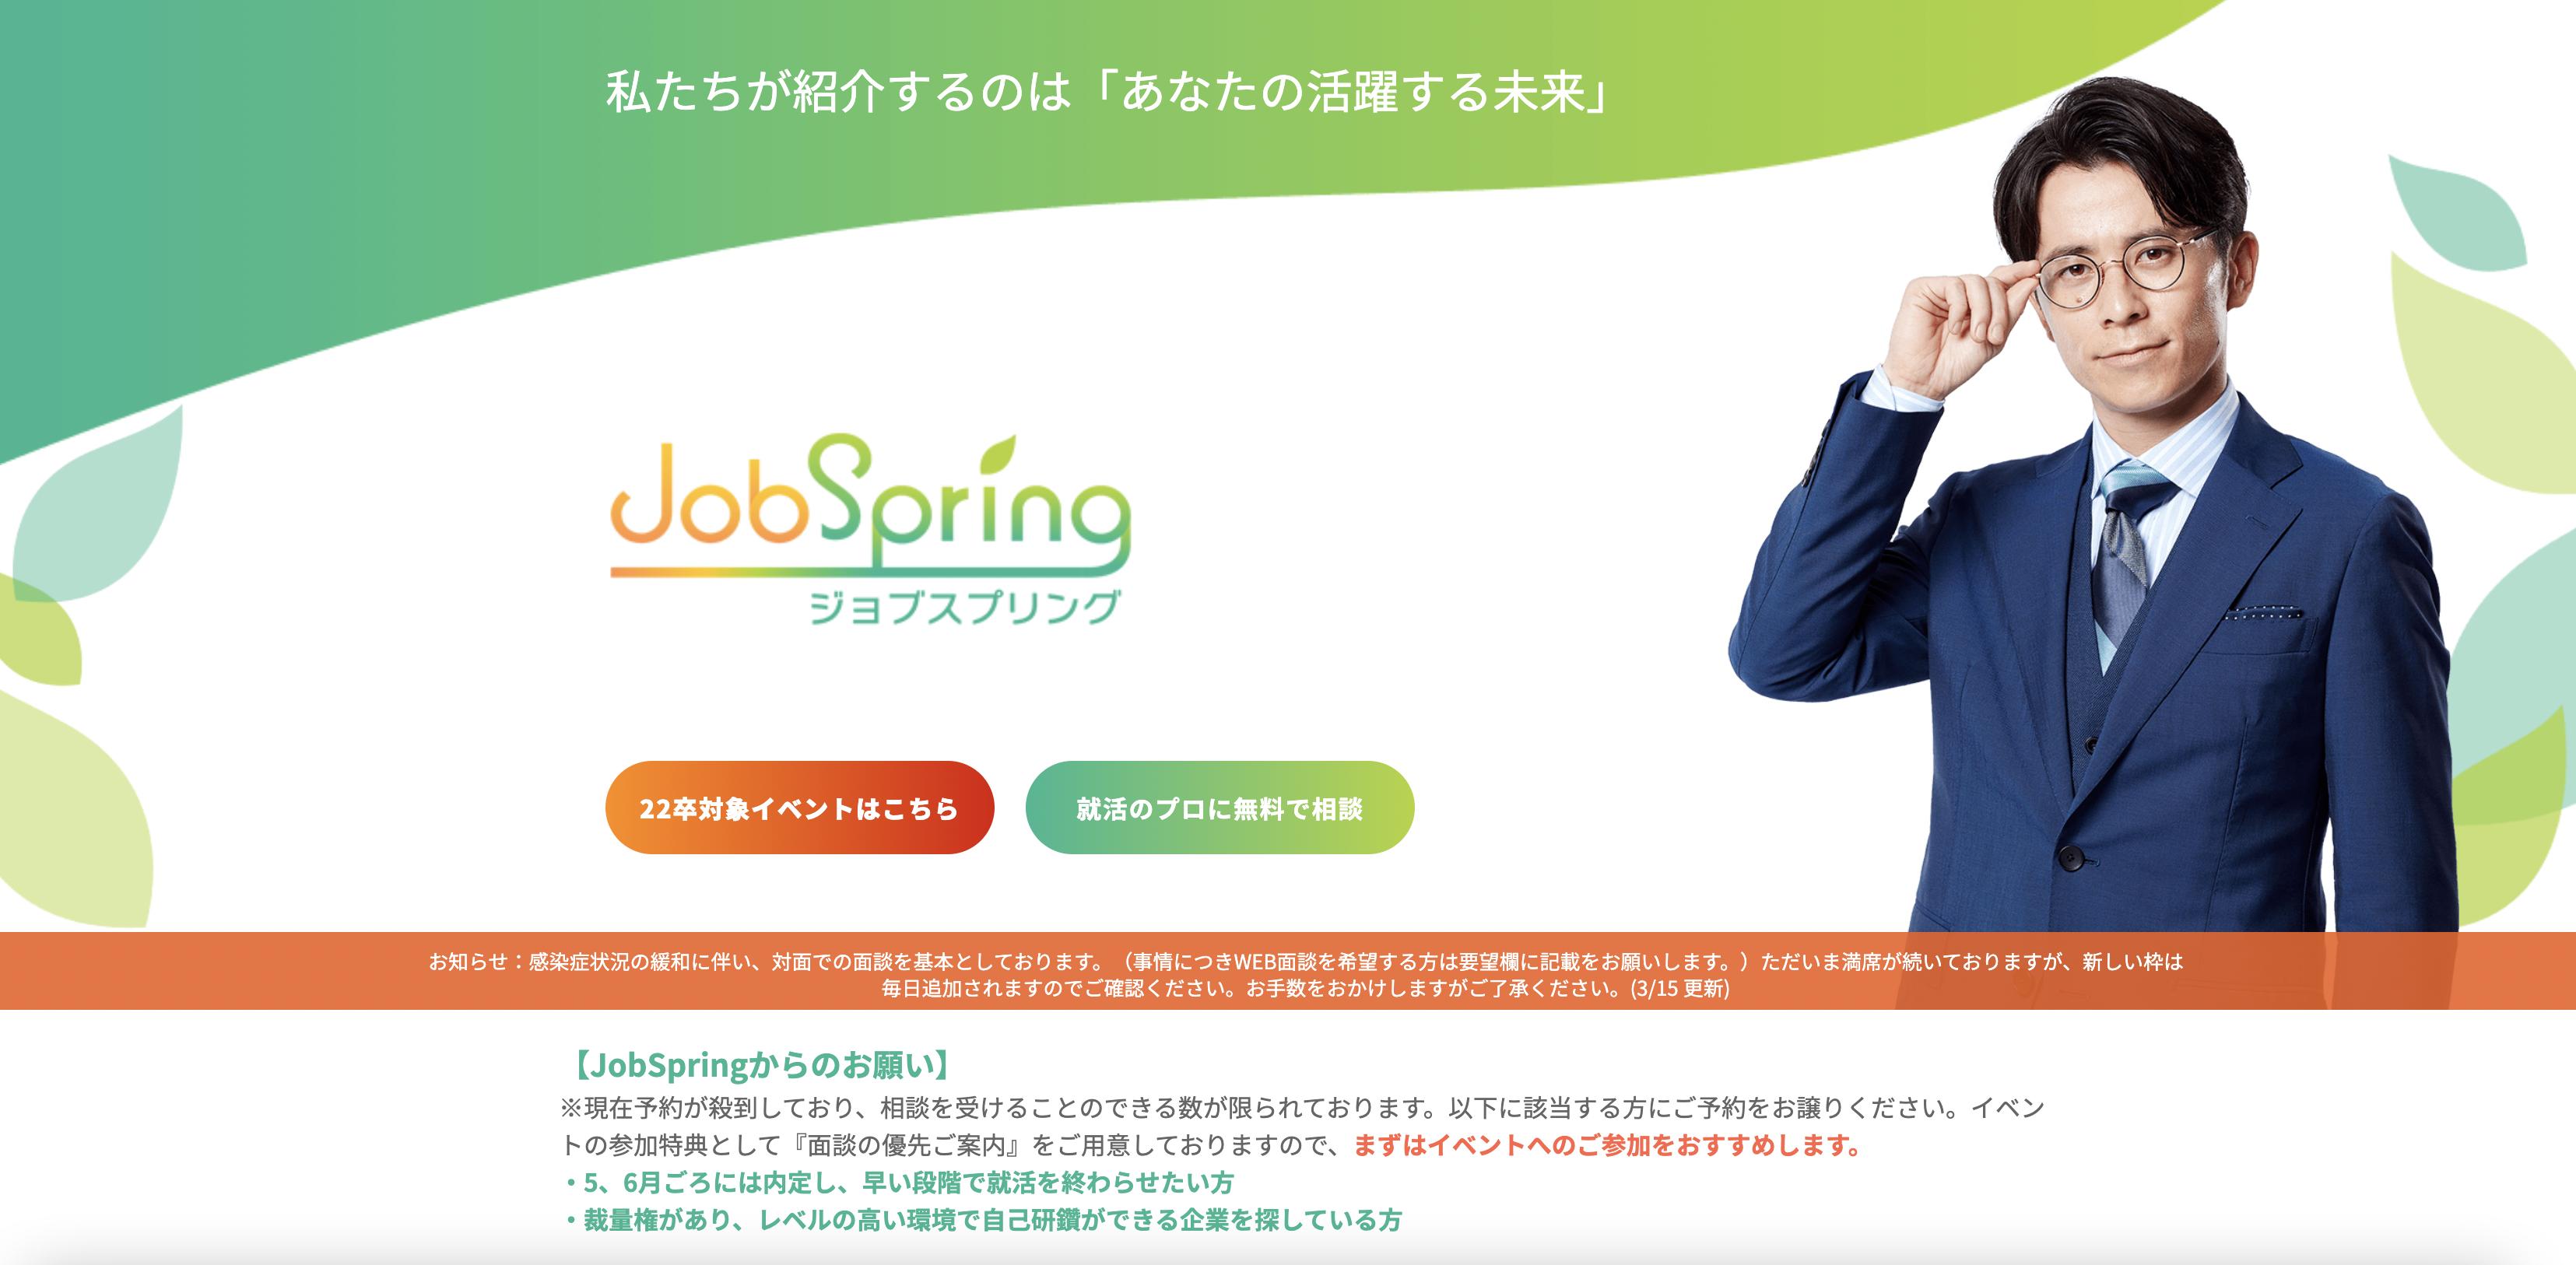 JobSpring(ジョブスプリング)